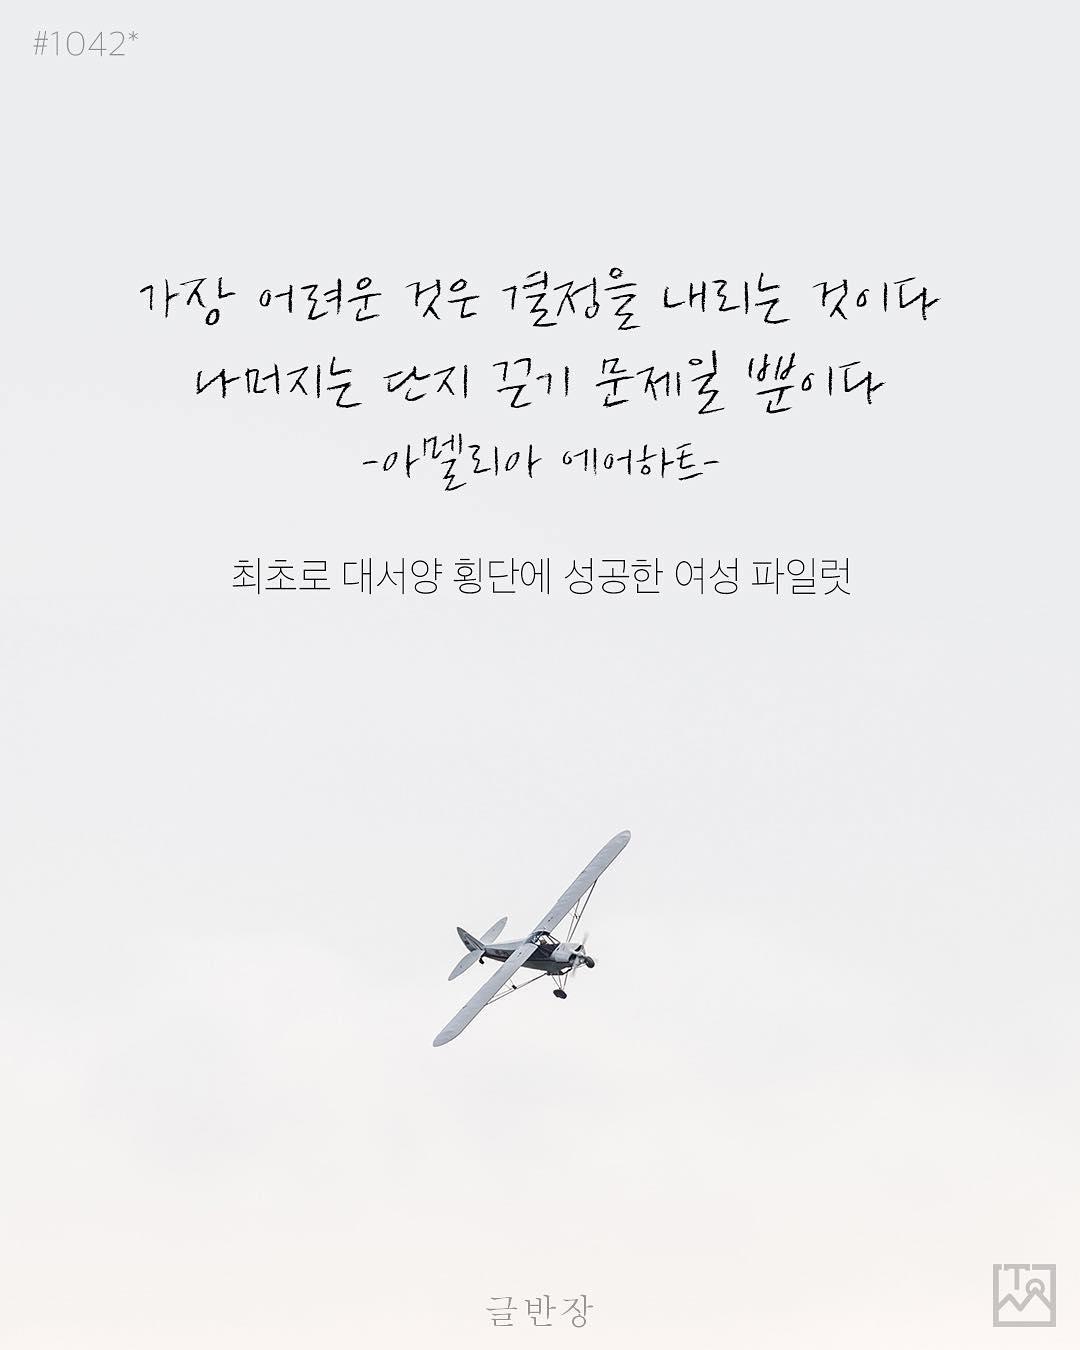 가장 어려운 것은 결정을 내리는 것이다 - 아멜리아 에어하트(Amelia Earhart), 최초로 대서양 횡단에 성공한 여성 파일럿